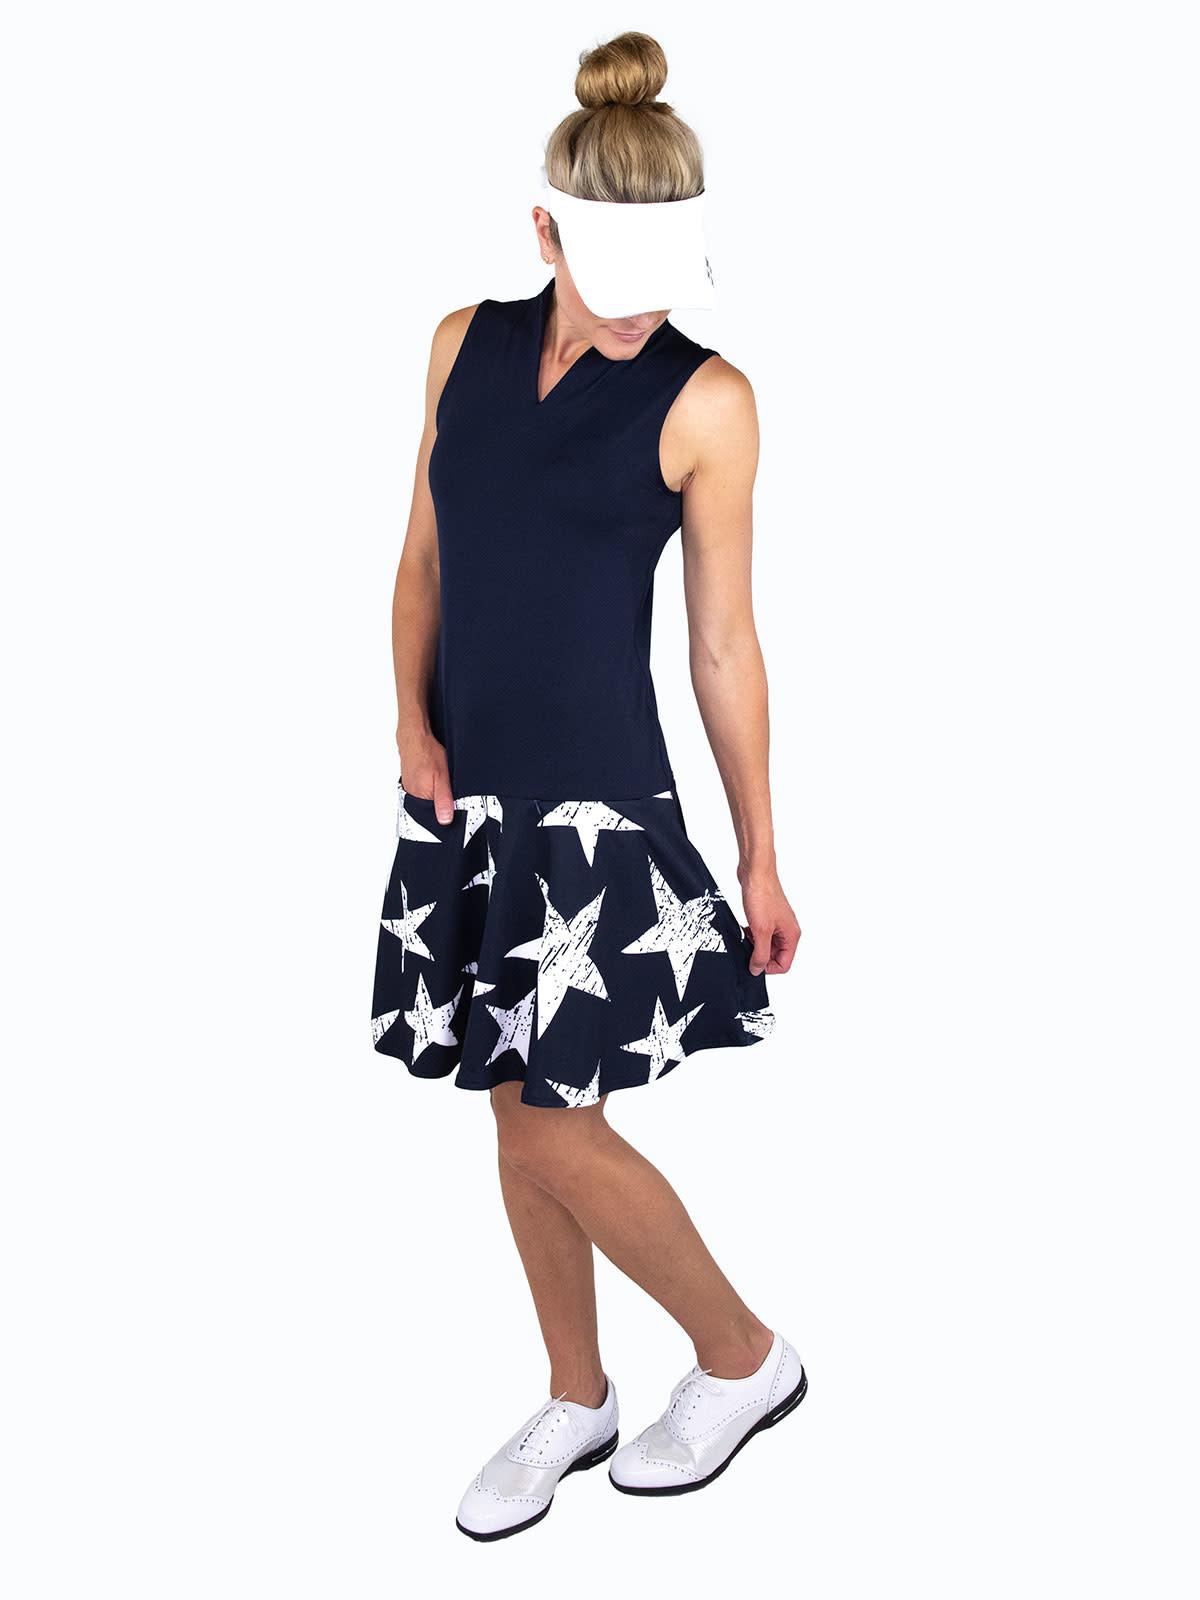 Jofit Jofit Drop Waist Dress Big Star Print